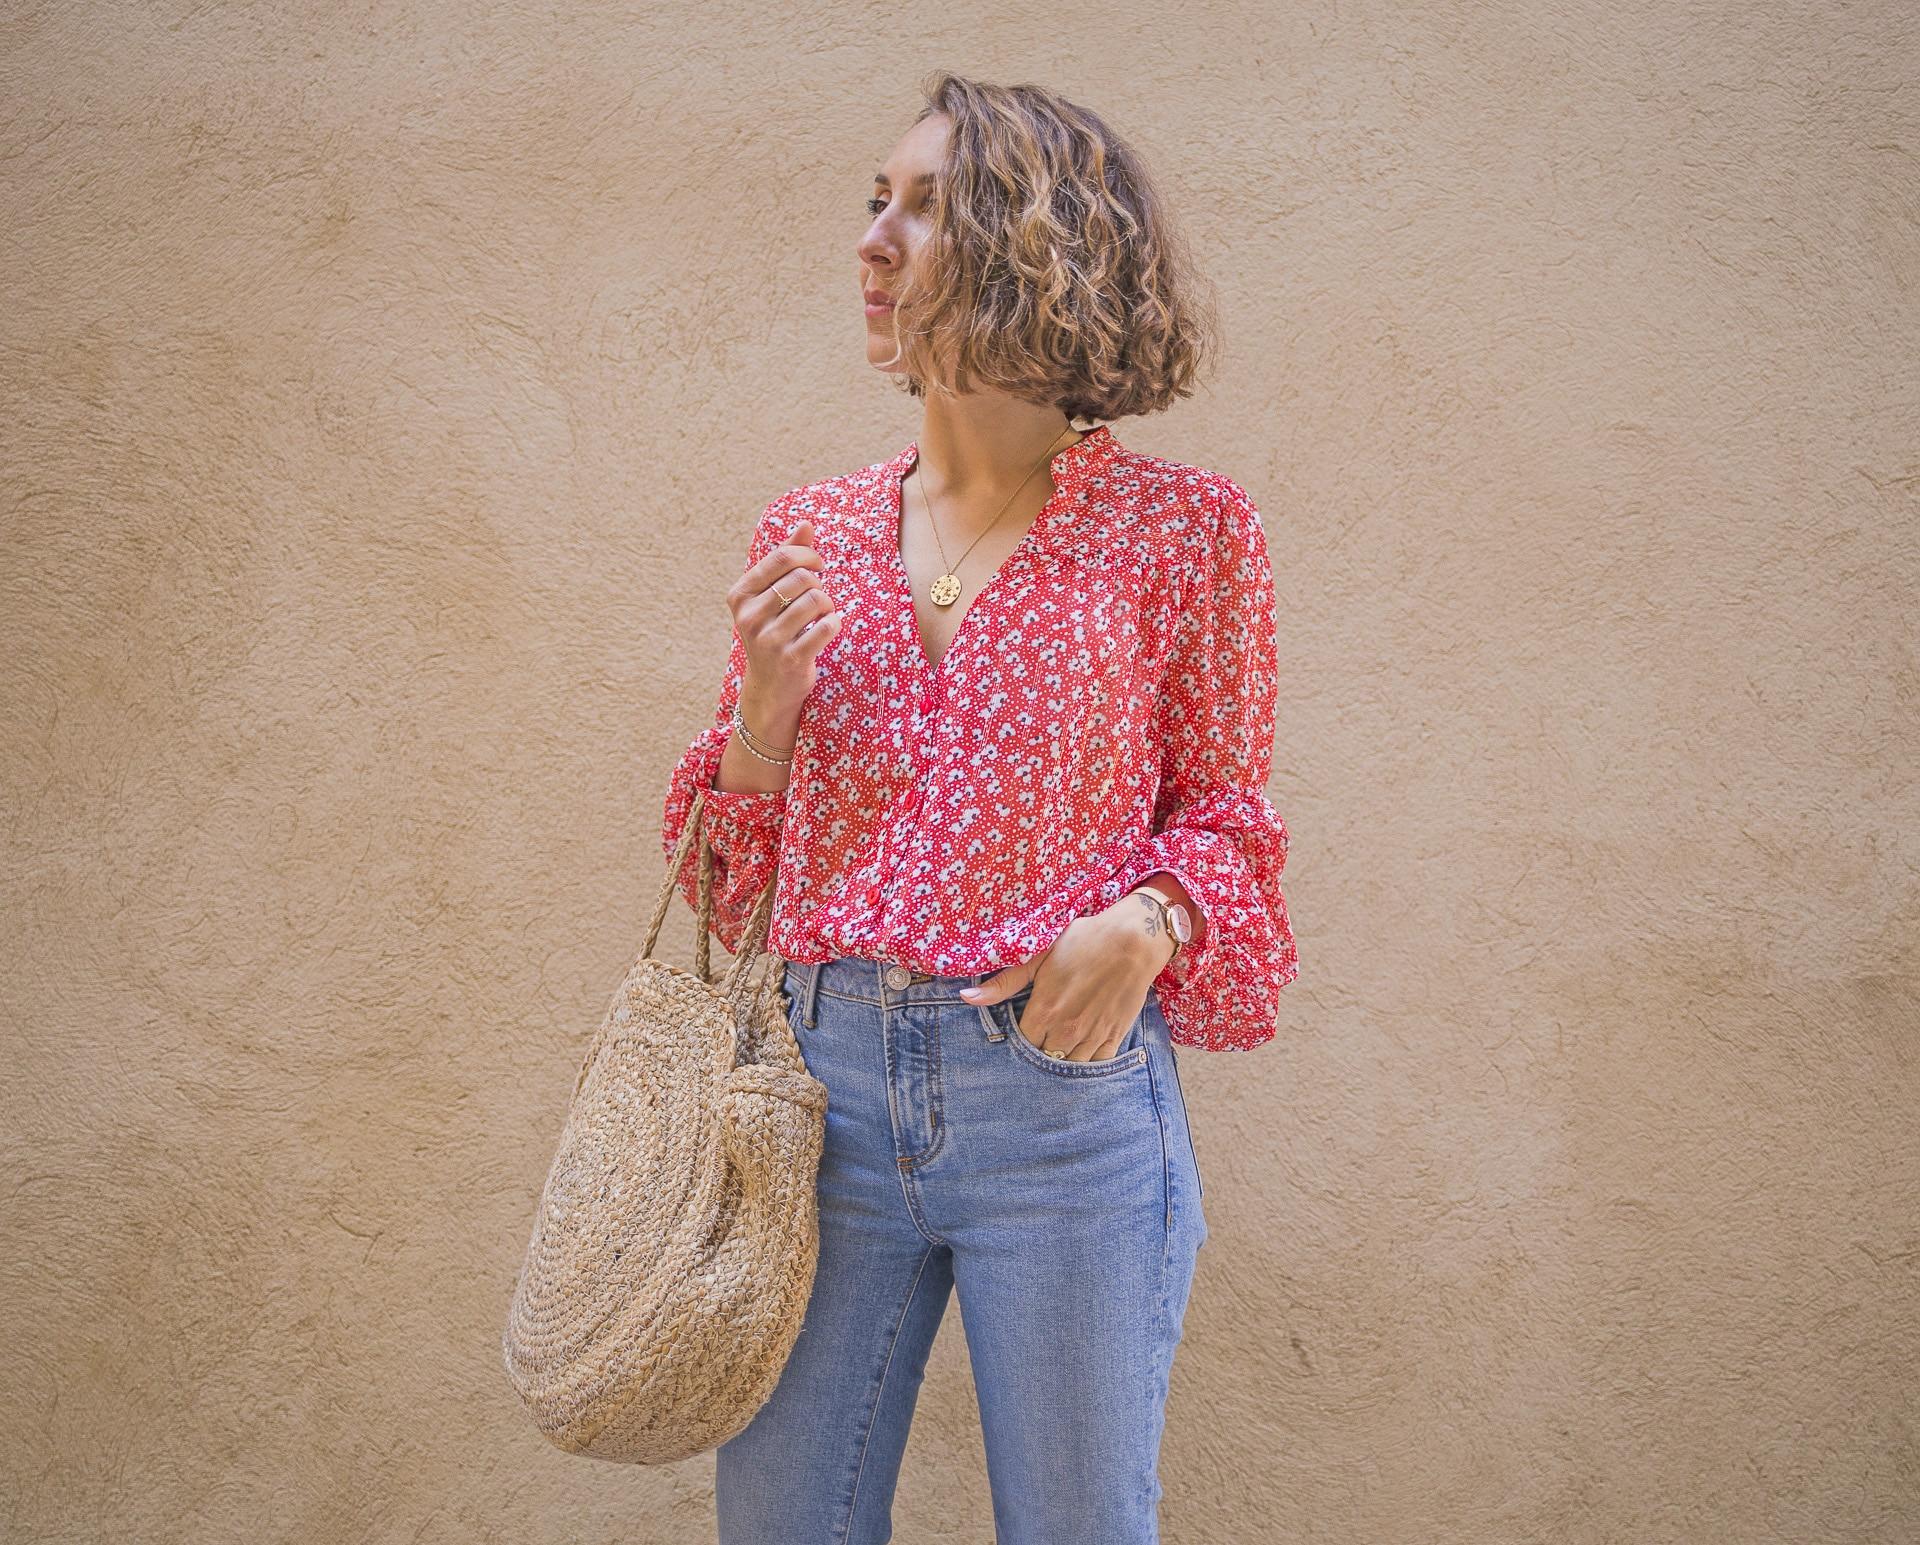 blog mode paris blouse rouge fluide marlene rougier fabrication française